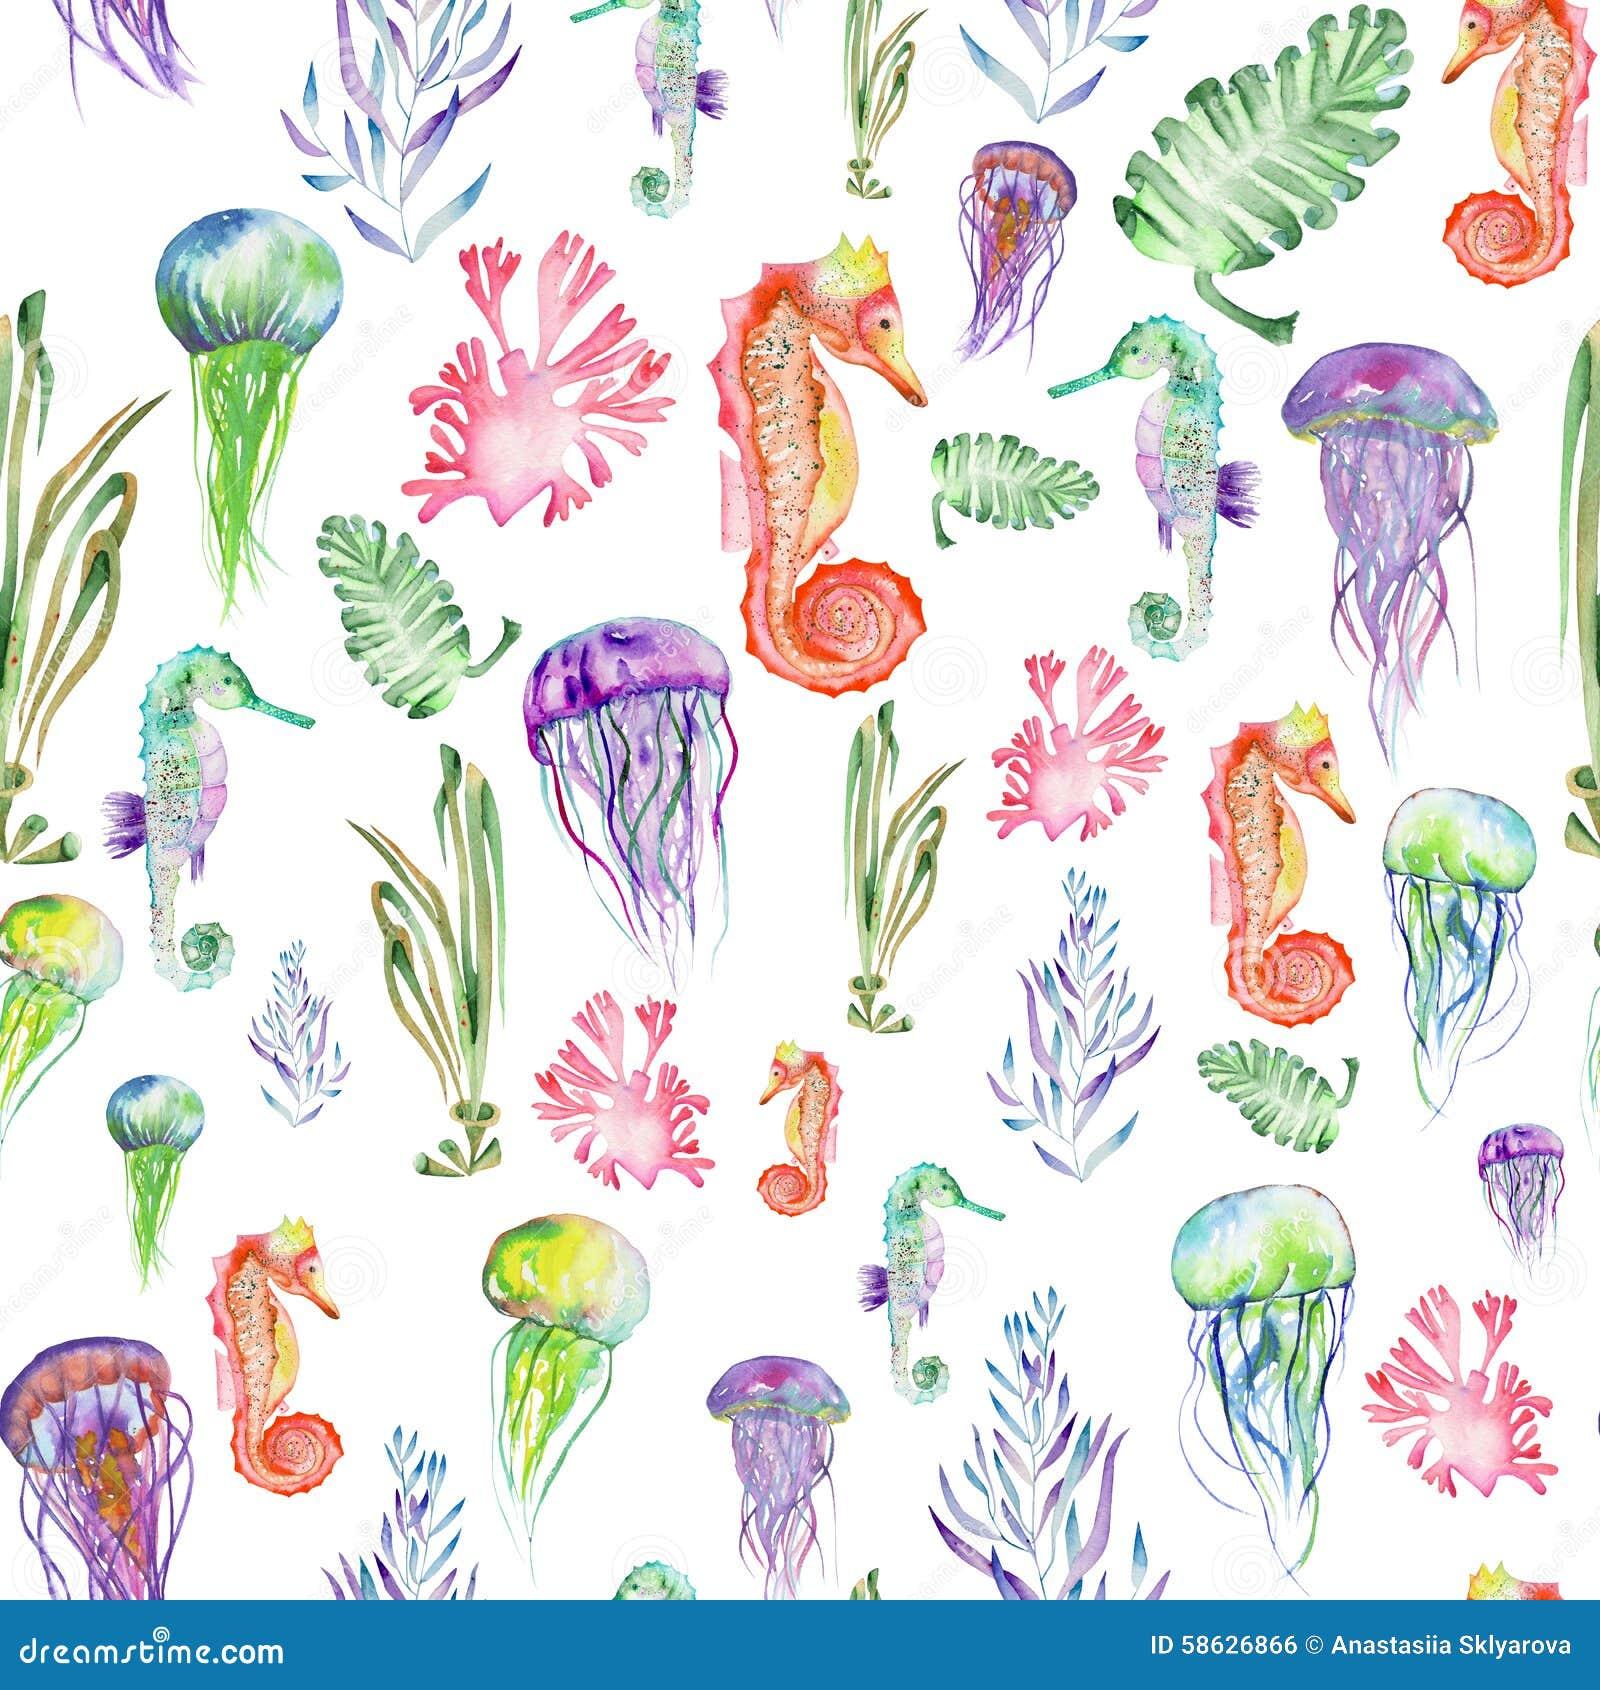 Patroon met waterverf seahorses, kwallen en zeewier (algen)